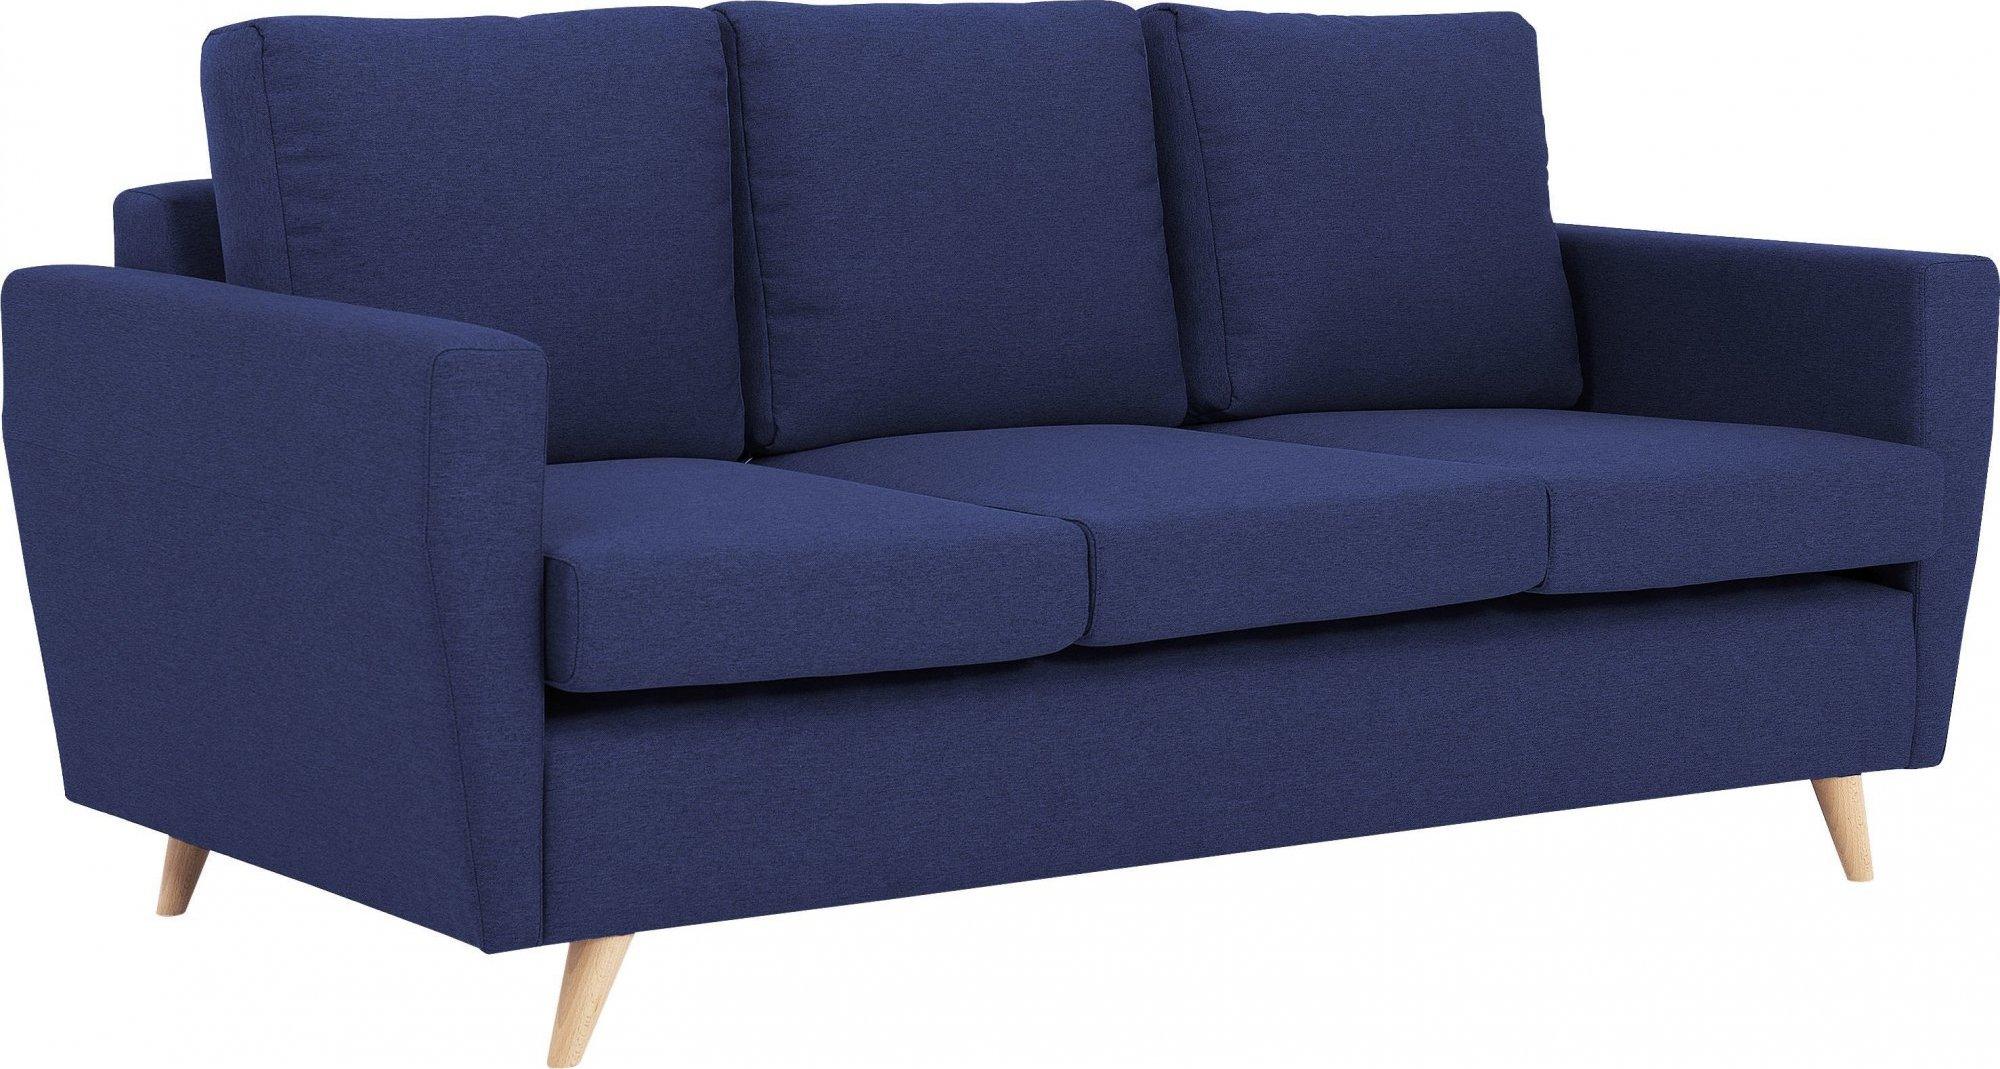 Canapé tissu 3 places bleu h45cm